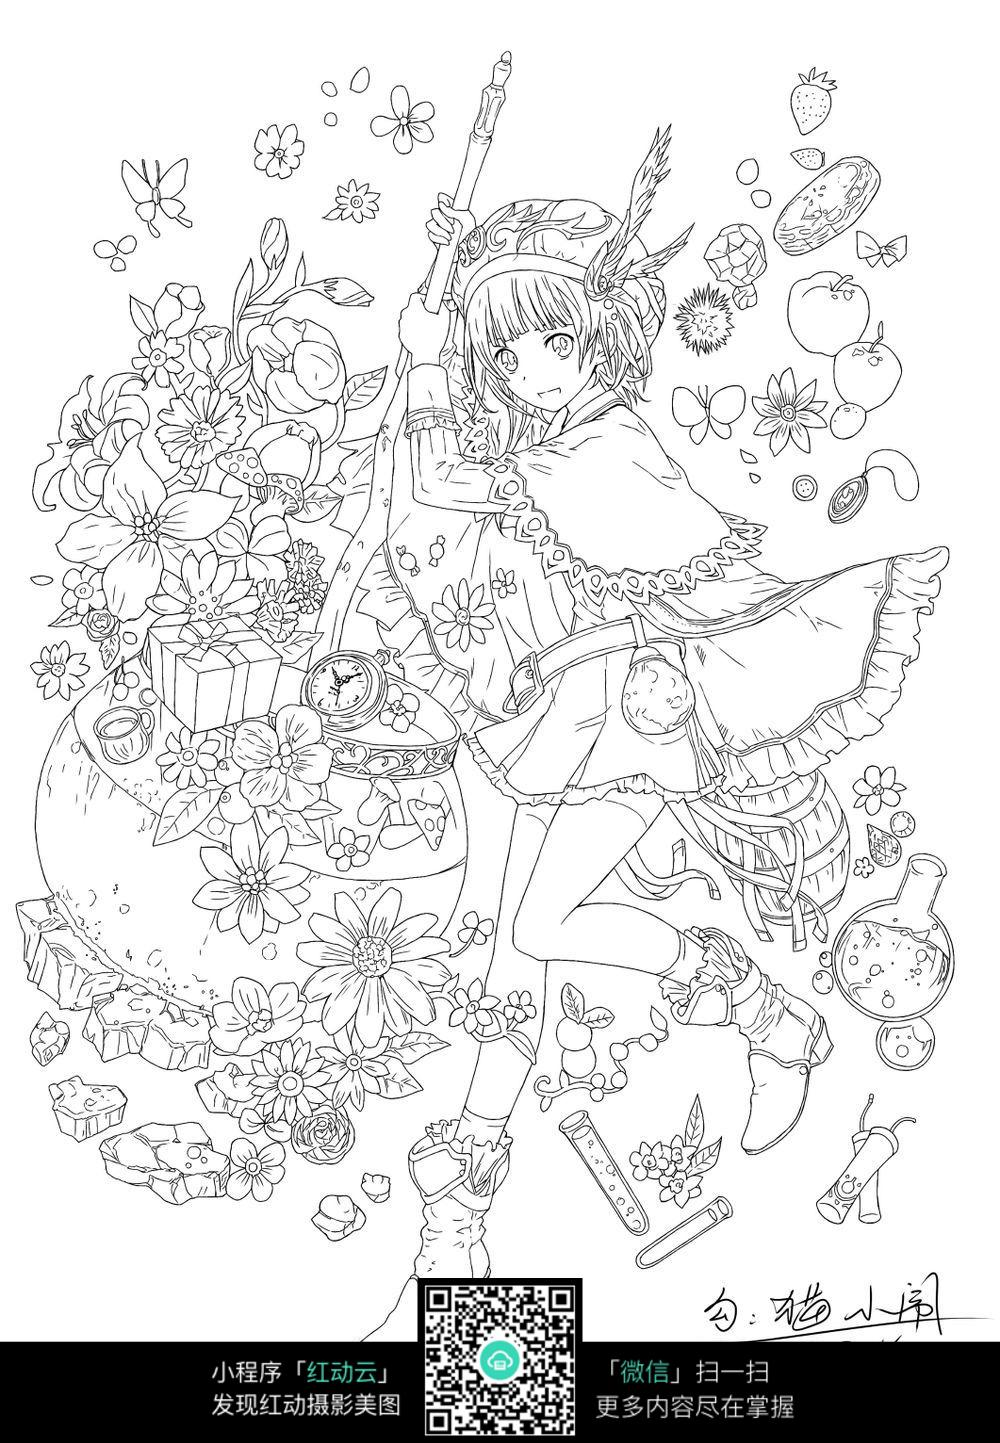 动漫女孩人物线描